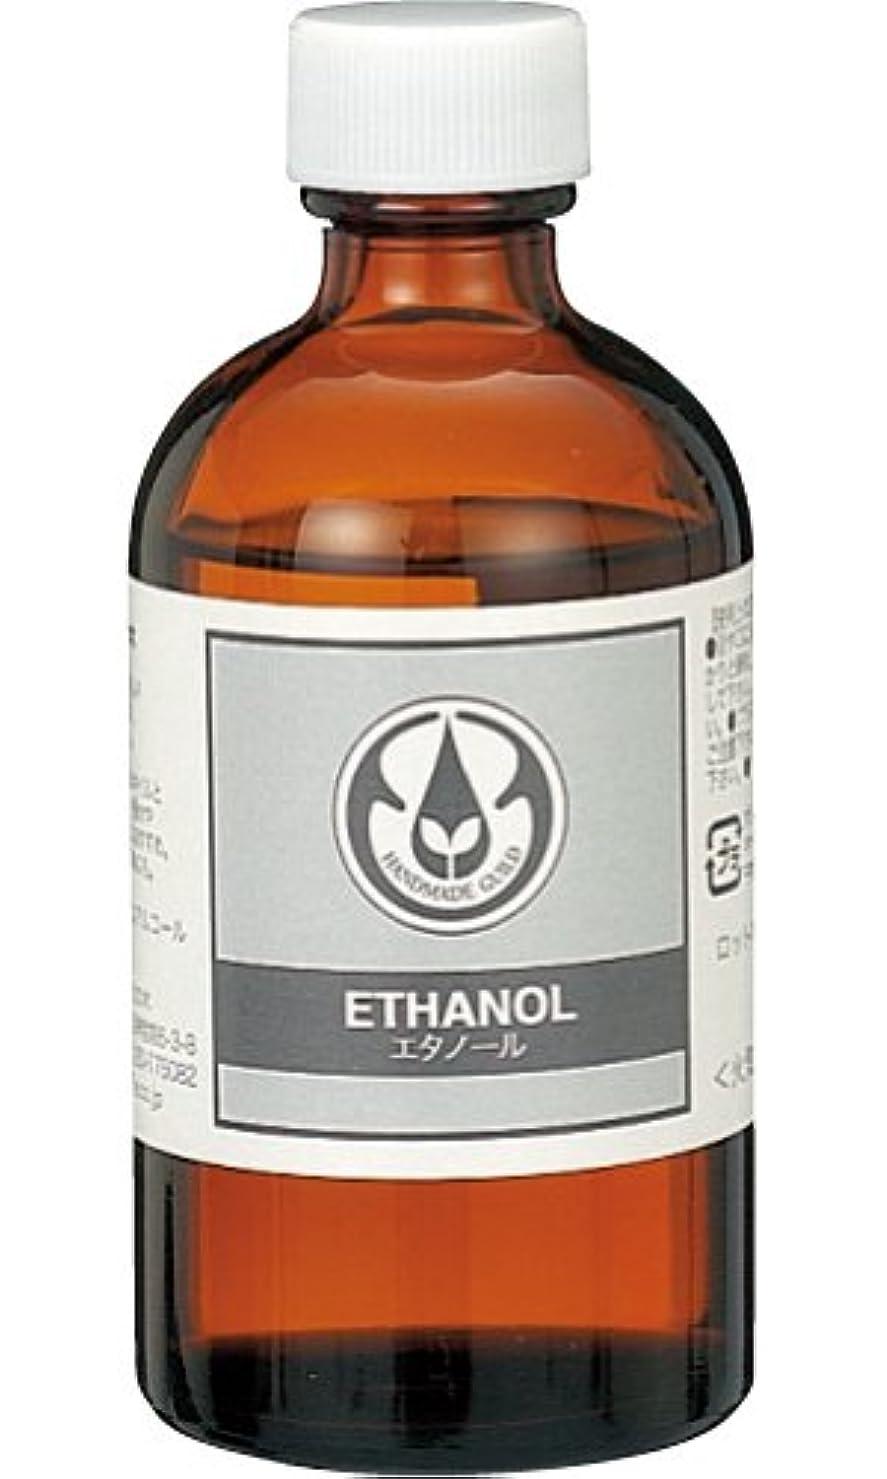 遅らせる窒息させる慣れるエタノール100ml 瓶入り